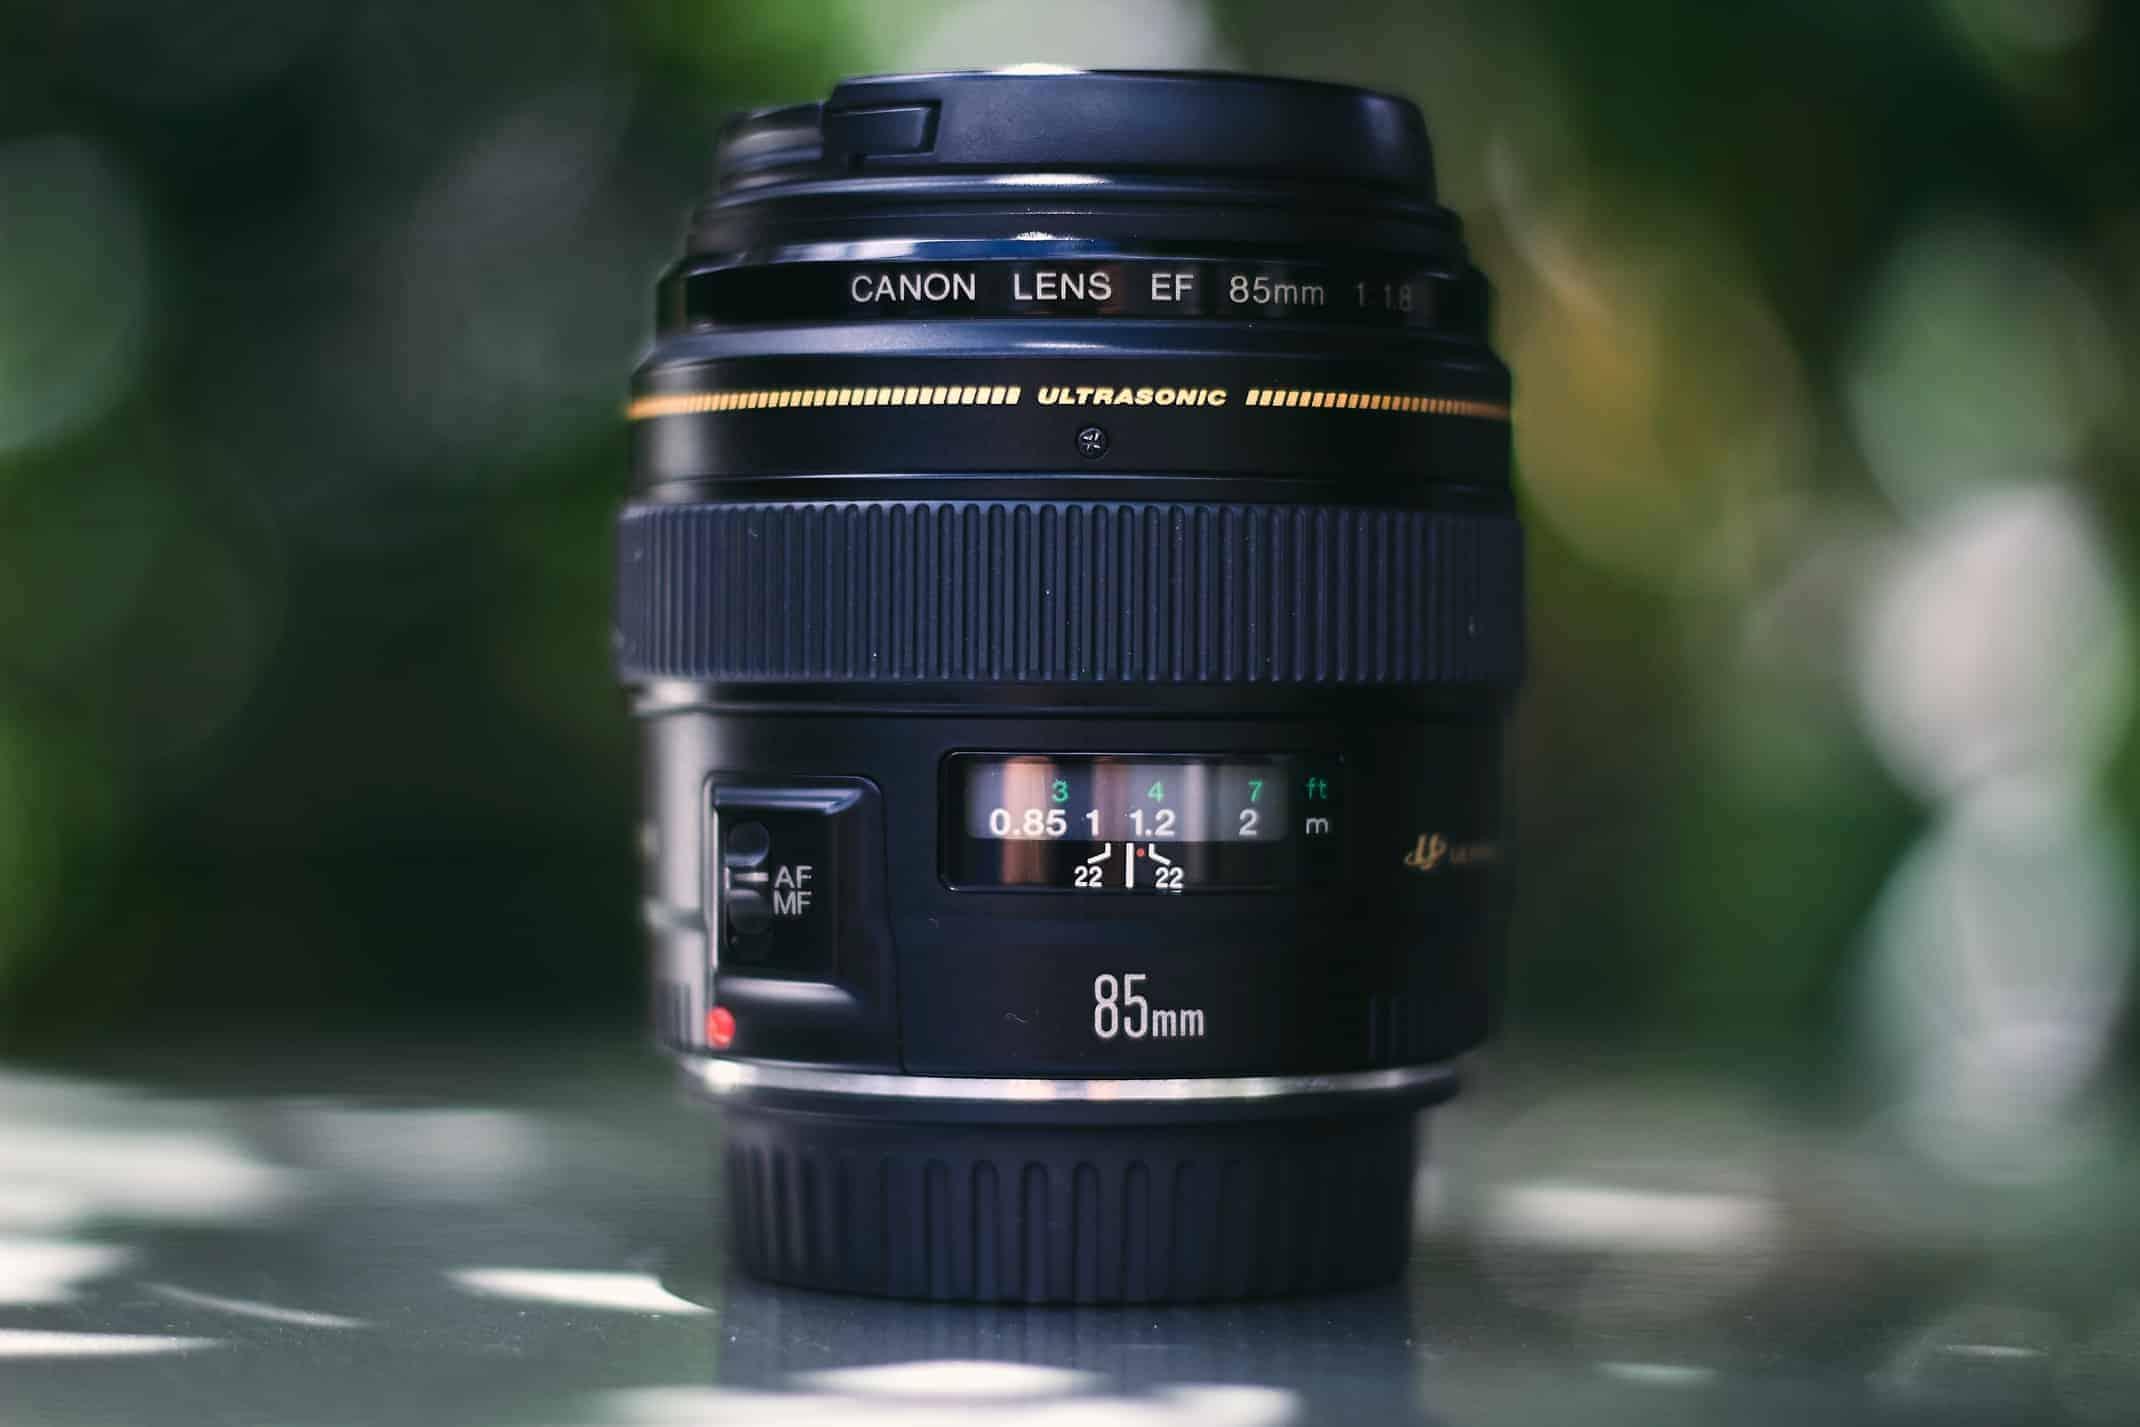 Best Canon Lenses for Beginners (85mm f1.8 Canon EF Lens)